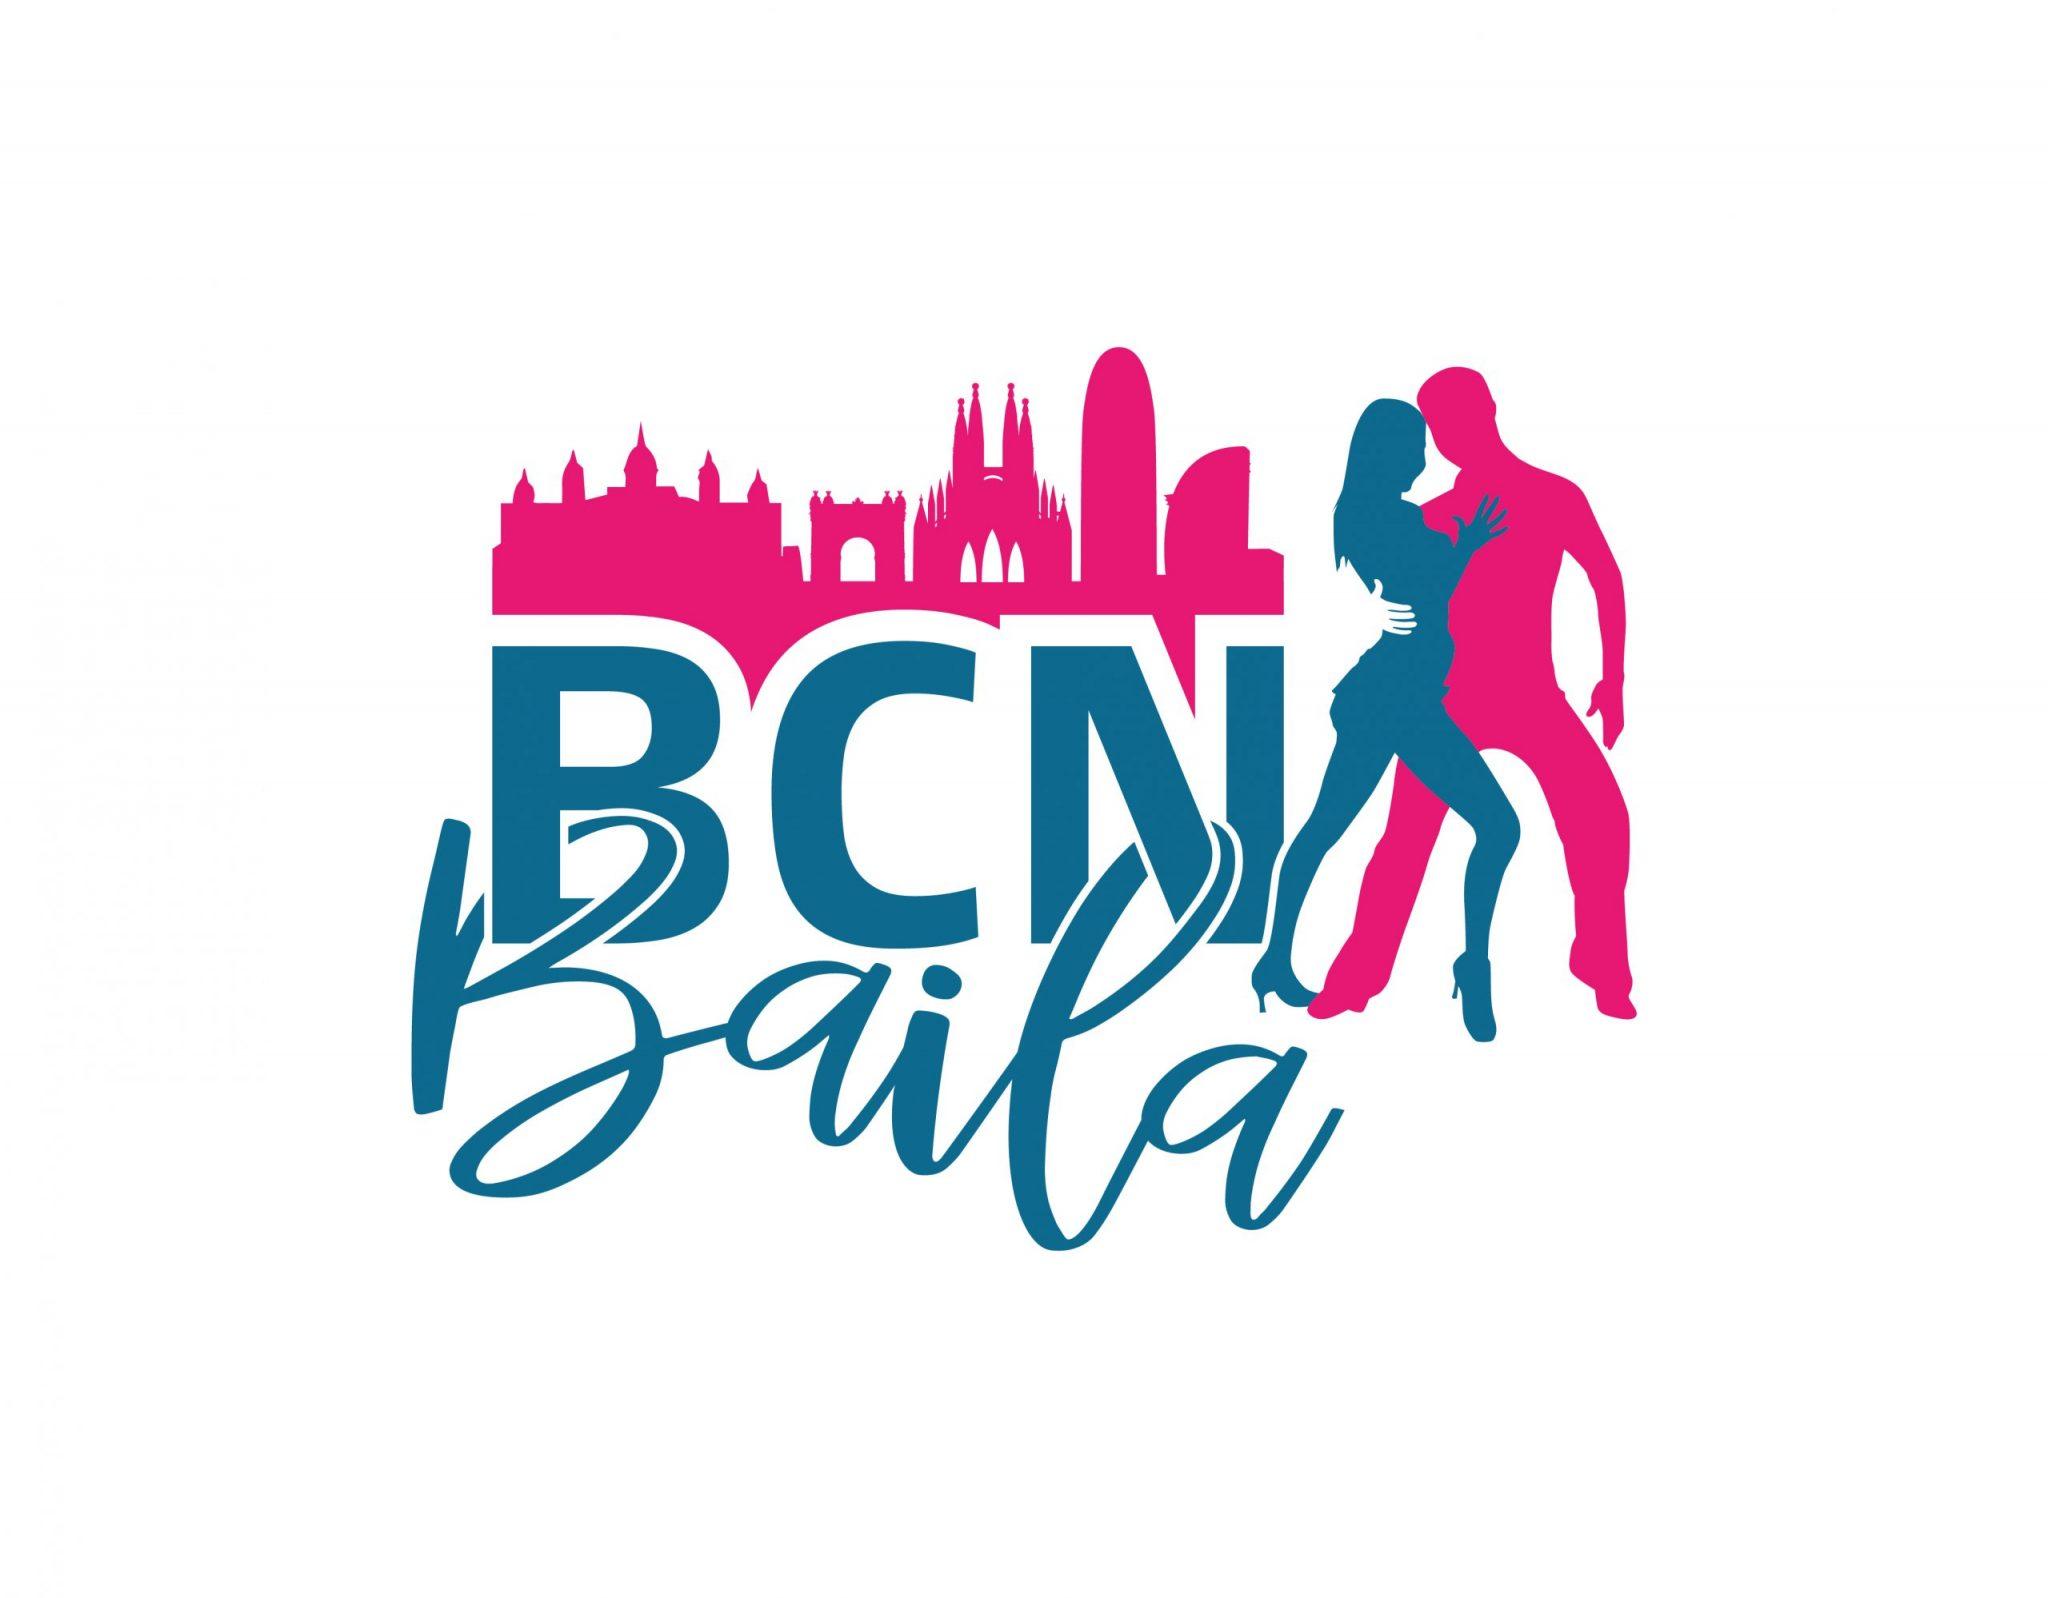 Clases de salsa - bachata y más en escuela de baile